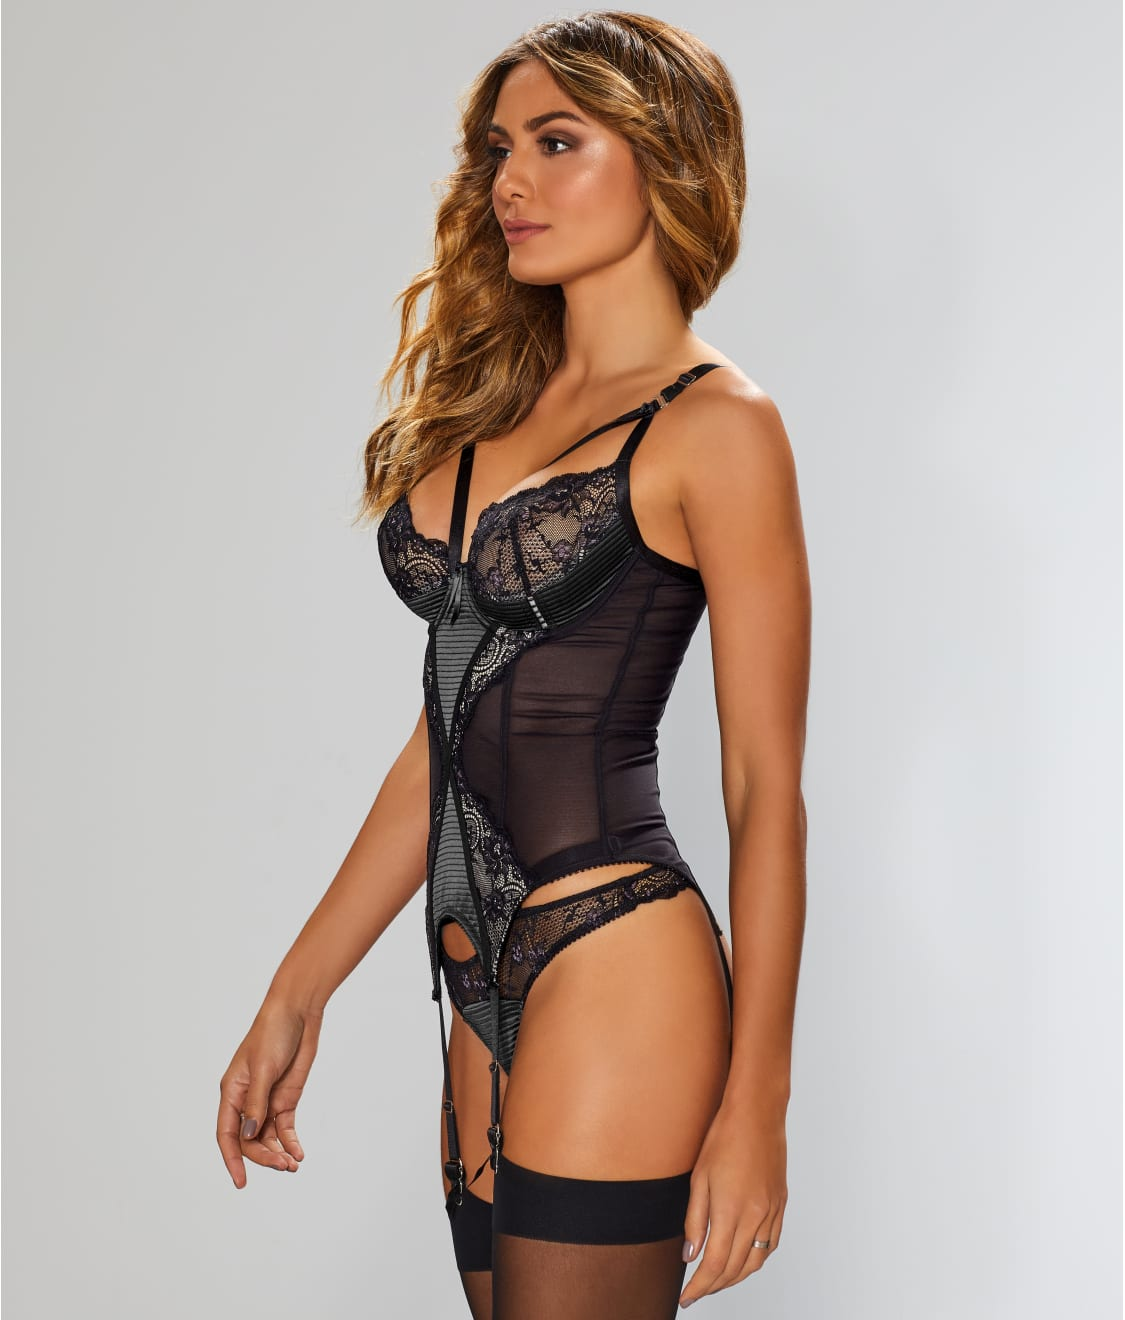 21a9a2fd2a1 See Madame X Bustier in Black. Dita Von Teese  ...